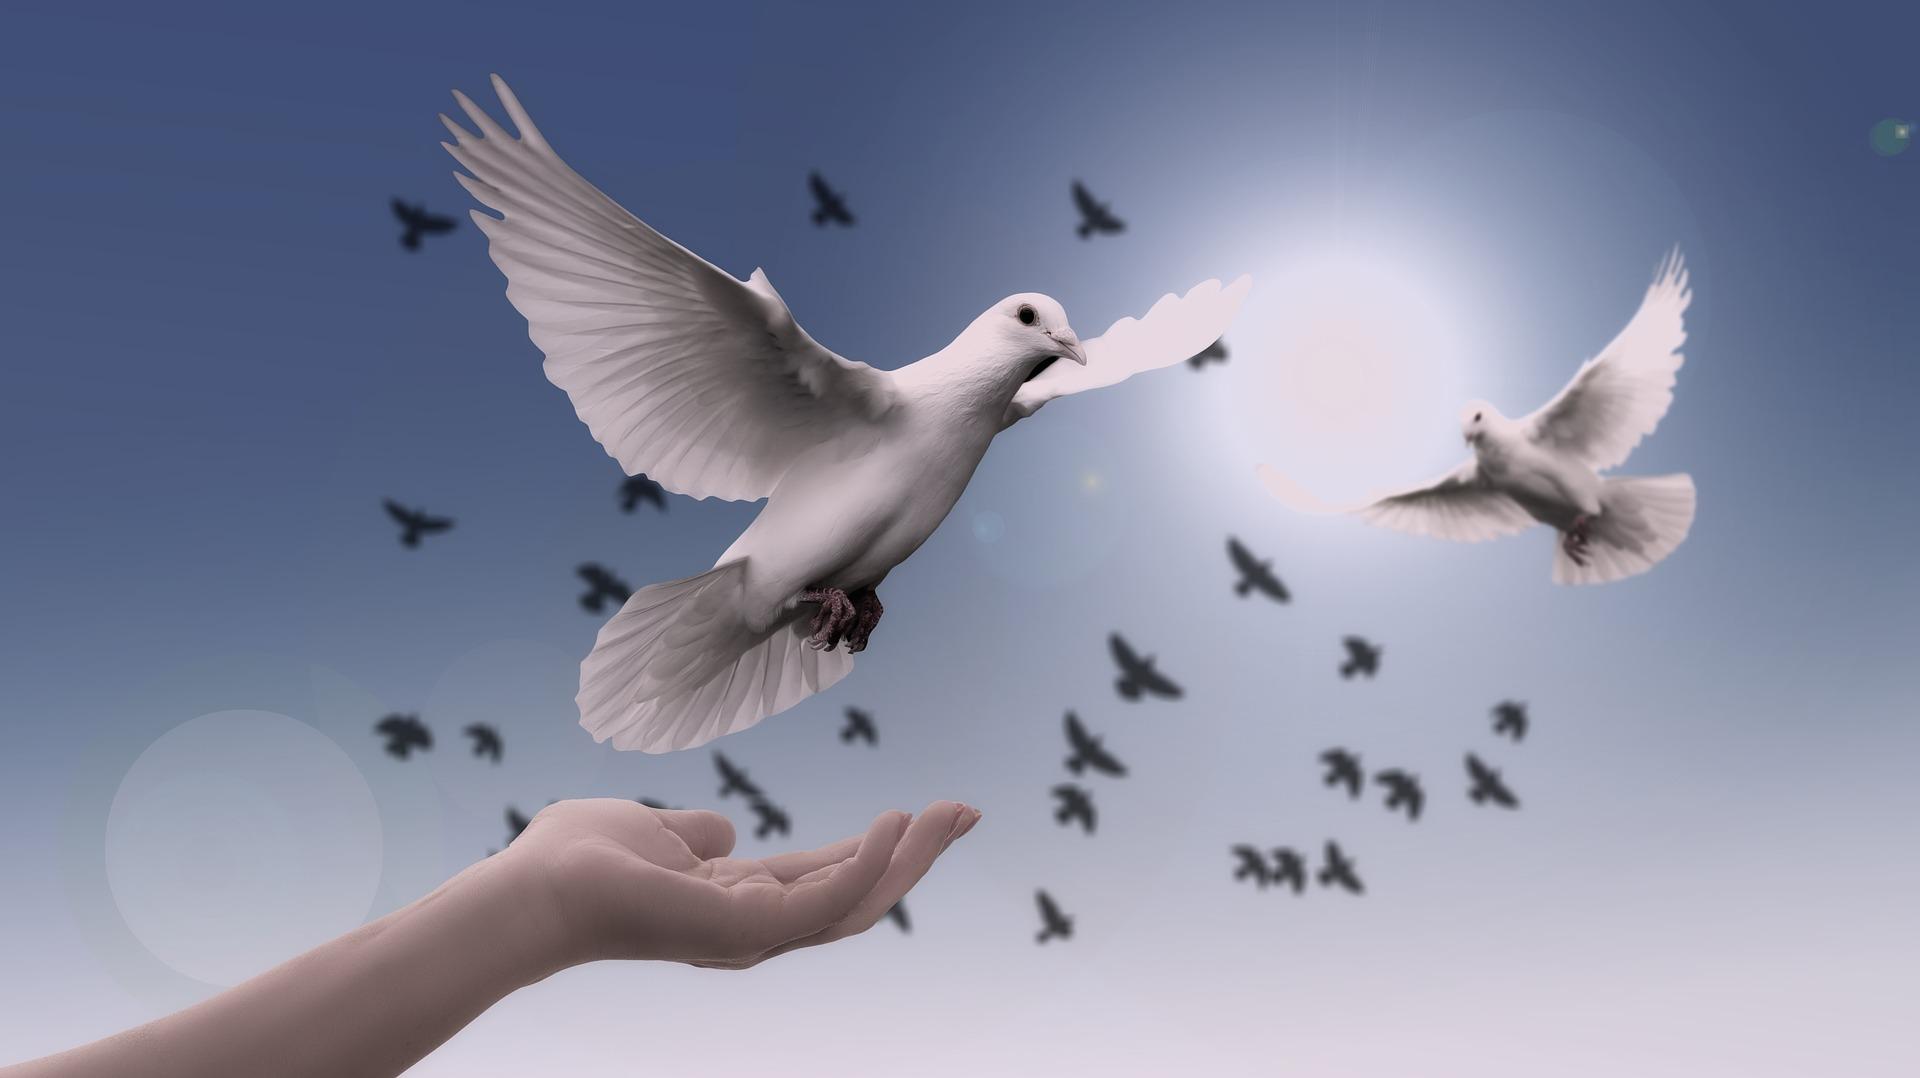 אמונה עסקית: איך משלבים רוחניות בעסק?